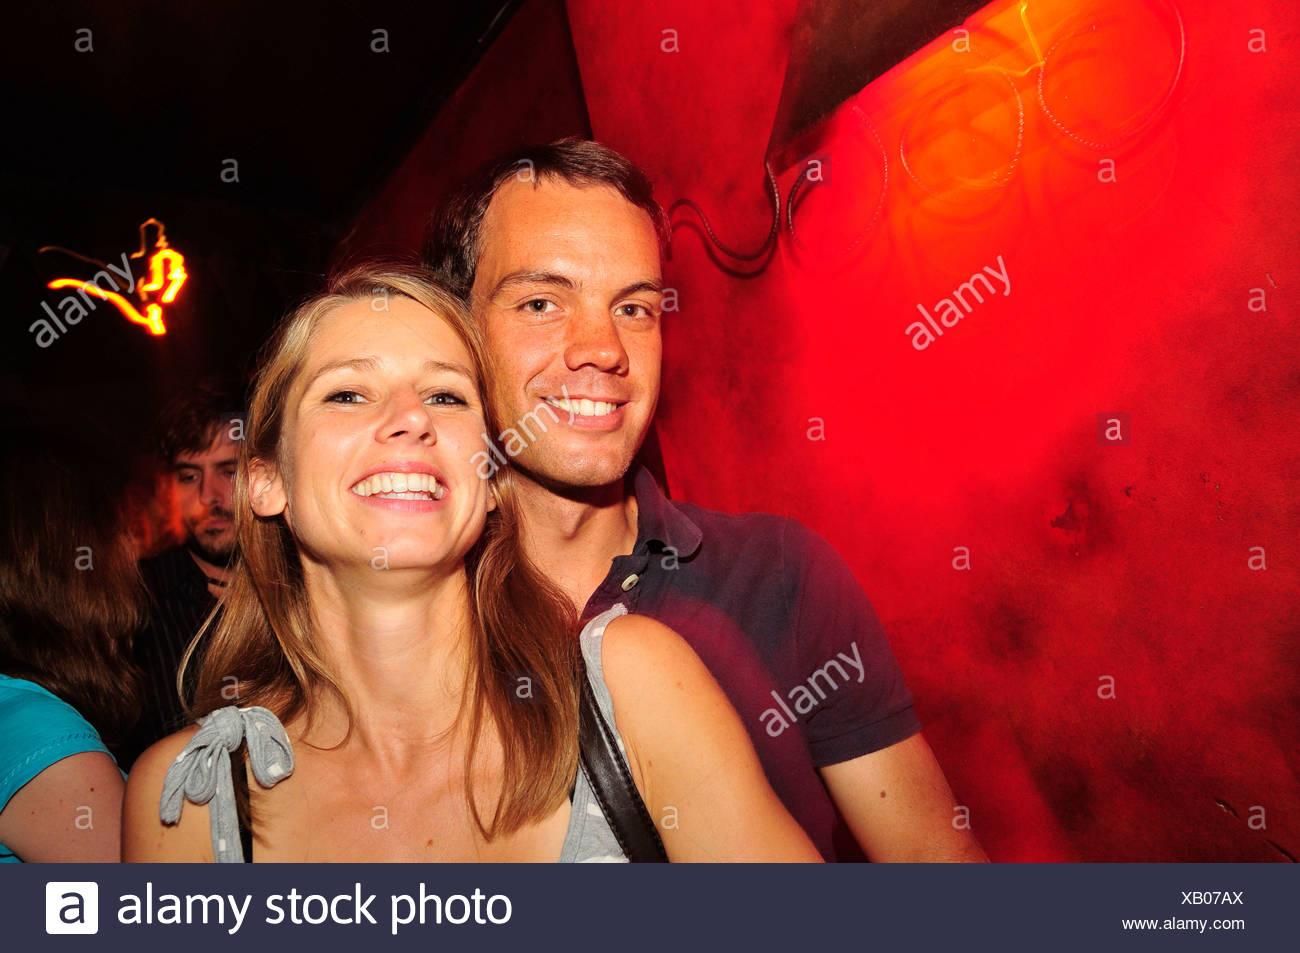 Junges Paar in einer Nacht club, Nachtleben, Madrid, Spanien, Iberische Halbinsel, Europa Stockbild